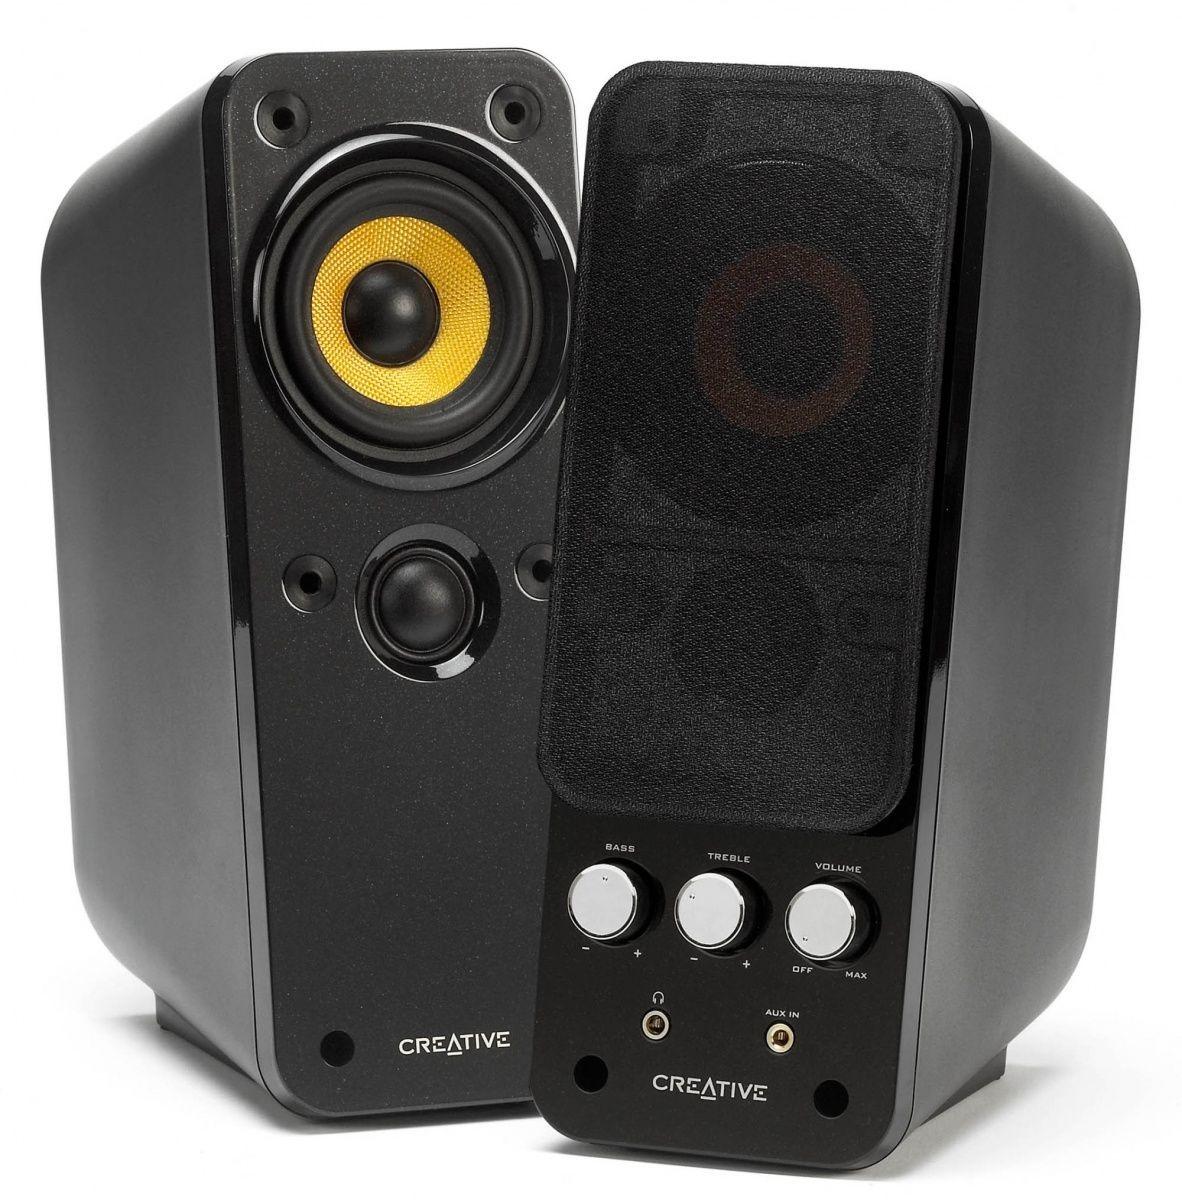 Creative Głośniki GigaWorks T20 Seria II 2.0 Retail